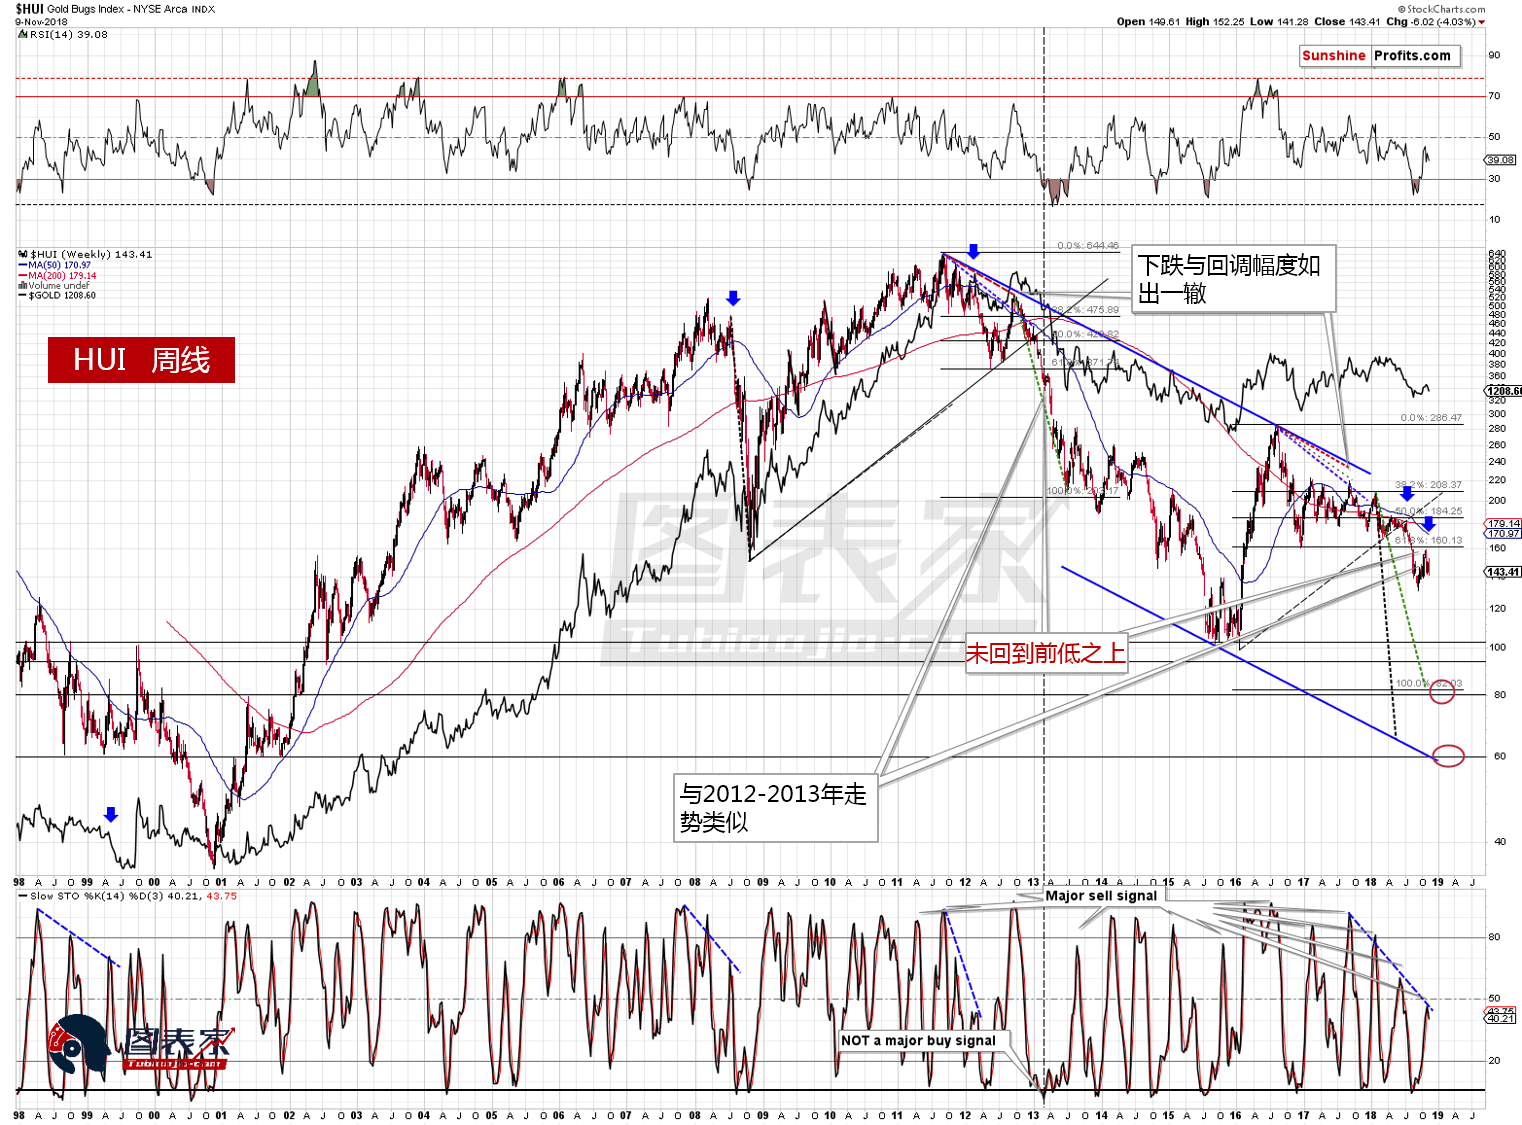 另一個值得關注的地方是,最近幾個月週線隨機指標的高點下移,這種表現曾在1999年、2008年和2012年出現過。 後兩種情況顯然是退出貴金屬市場的大好時機,但第一種有所不同。